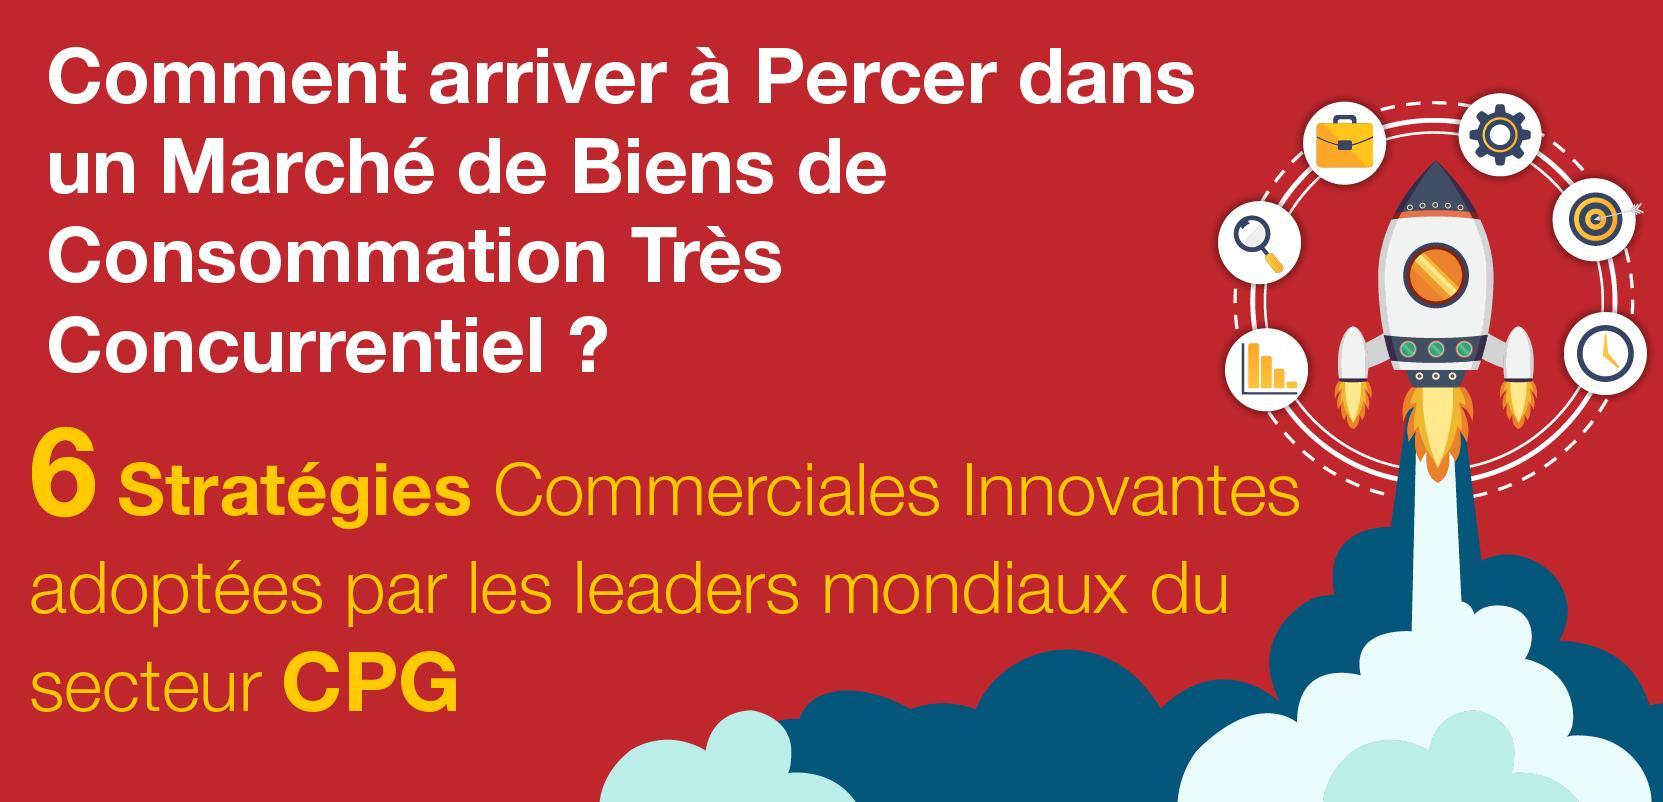 6 Stratégies Commerciales Innovantes adoptées par les leaders mondiaux du secteur CPG